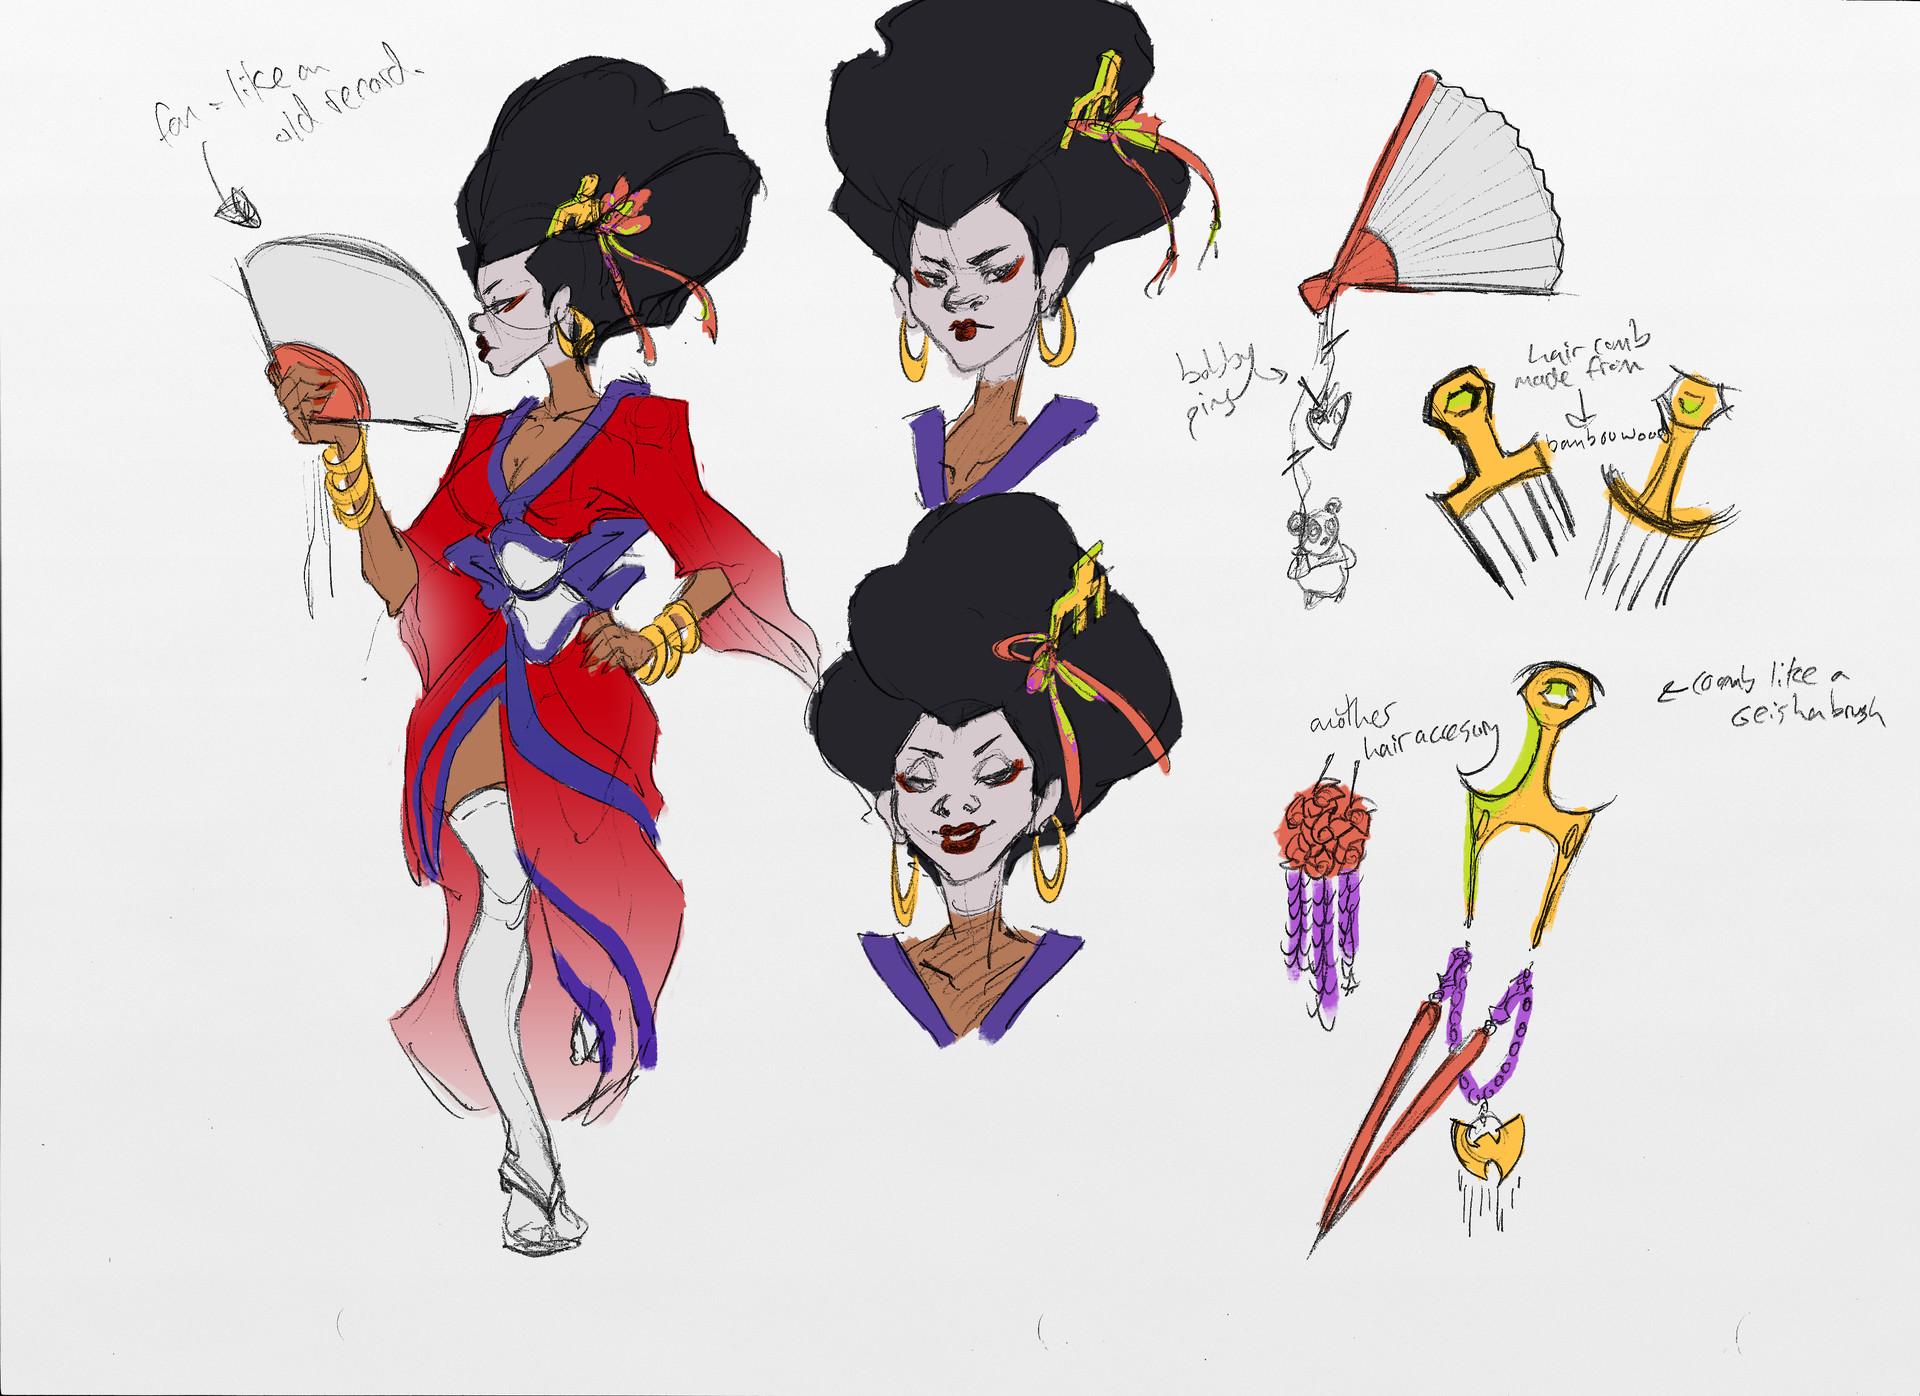 Sandra grunberg geisha girlr